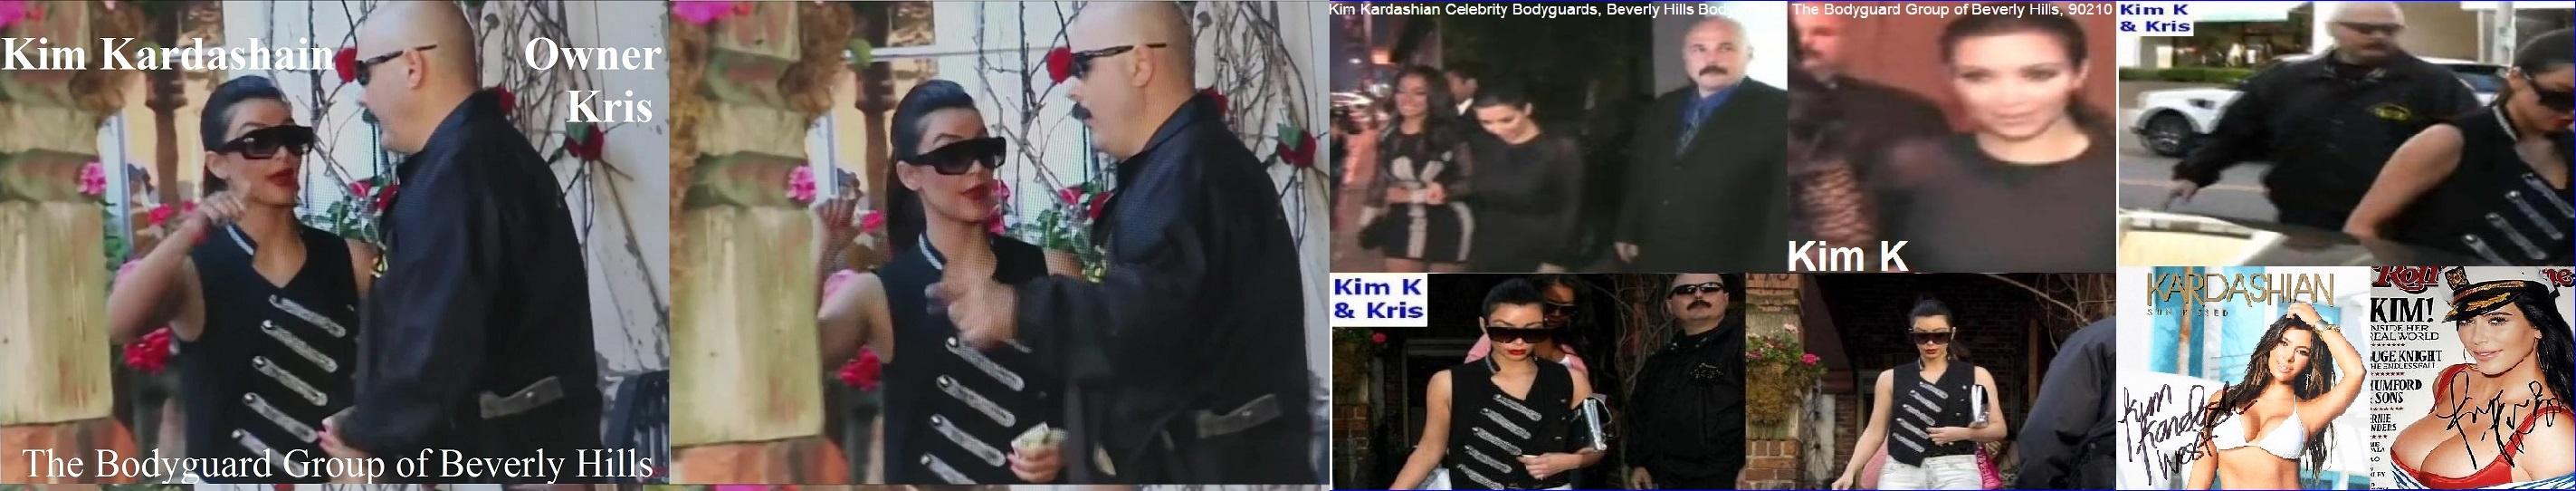 Kim Kardashian Bodyguards Famous celebrity bodyguards Kris Herzog The Bodyguard Group of Beverly Hills, 90210 Los Angeles celebrity bodyguards for hire